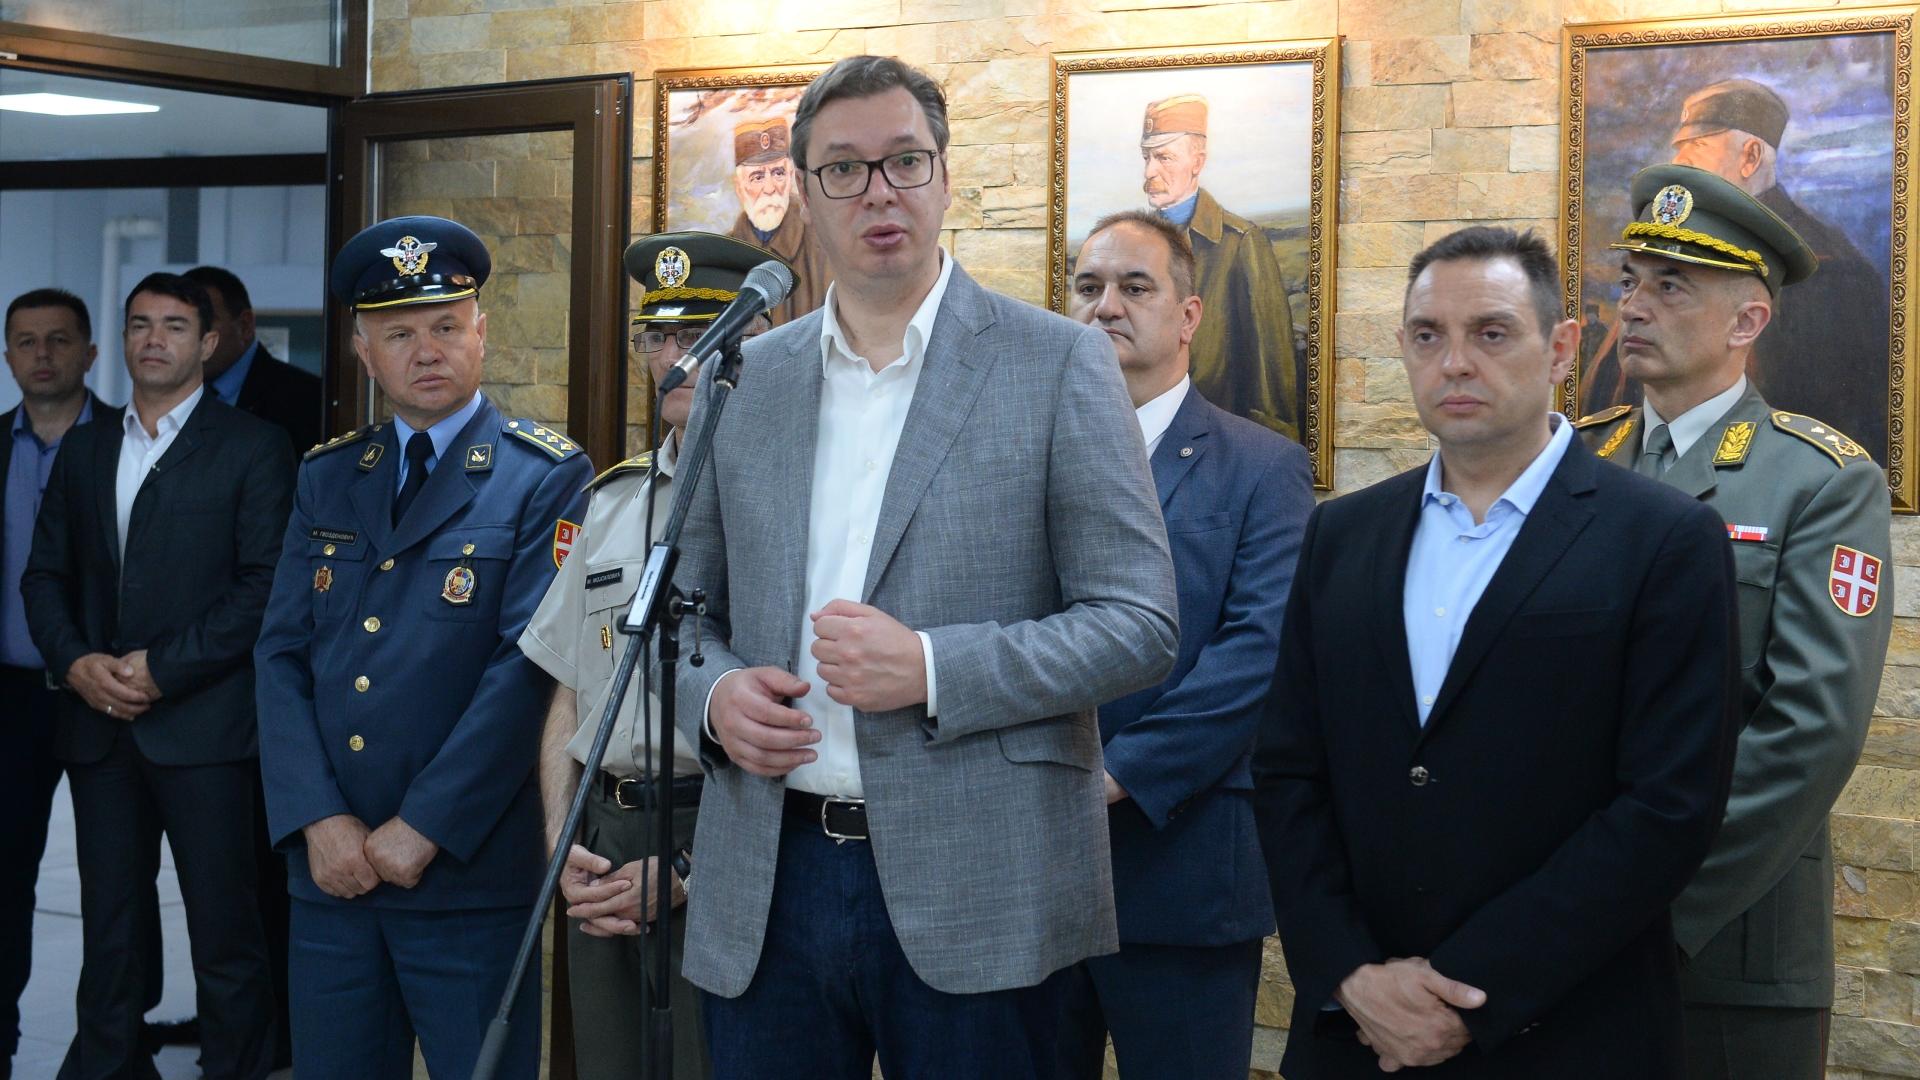 Predsednik Aleksadnar Vucic obisao je danas rekonstruisani internat Vojne gimnazijе.